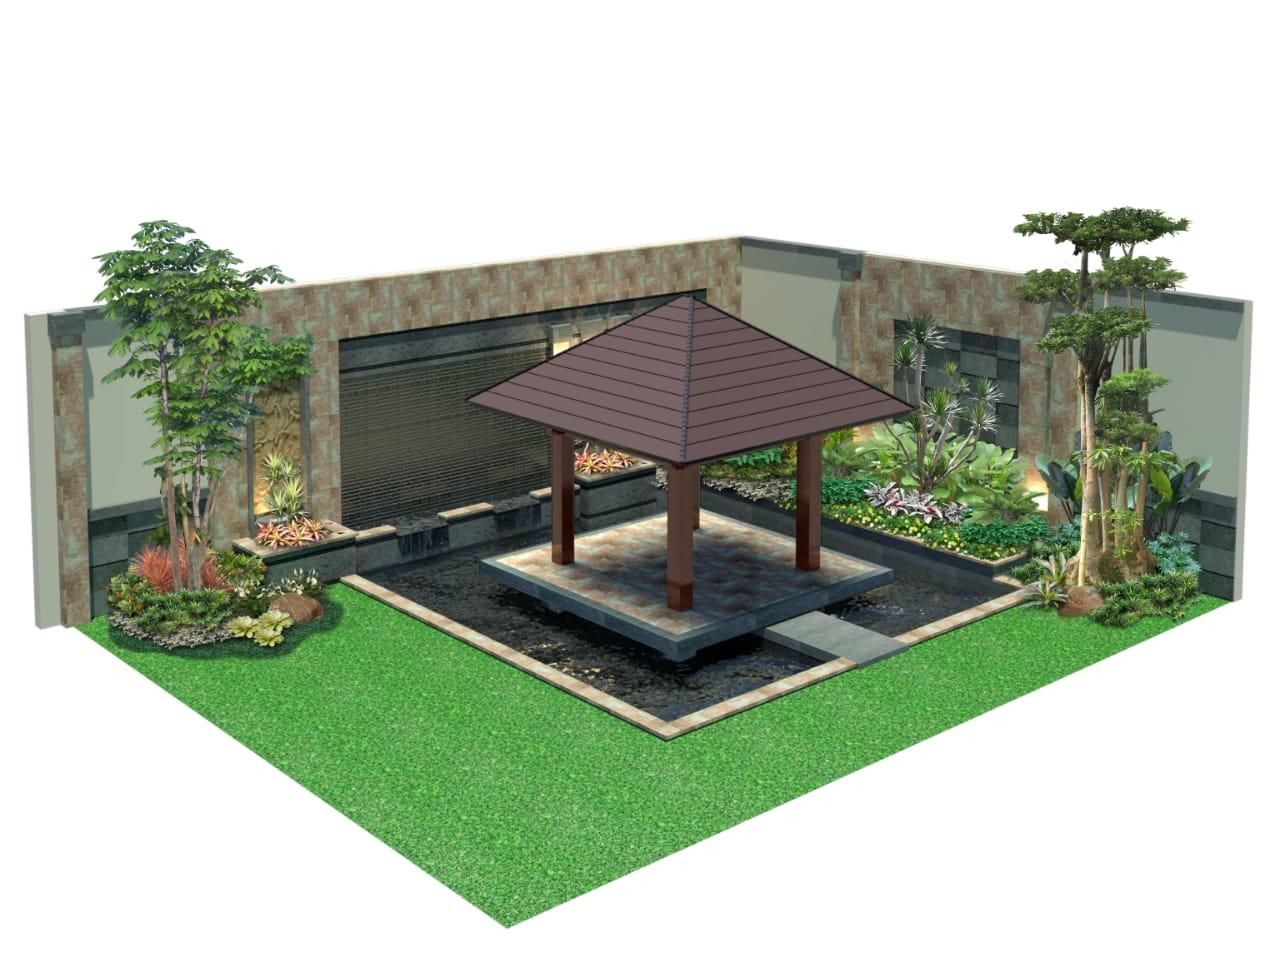 Manfaat dan Fungsi Menciptakan Taman Rumah